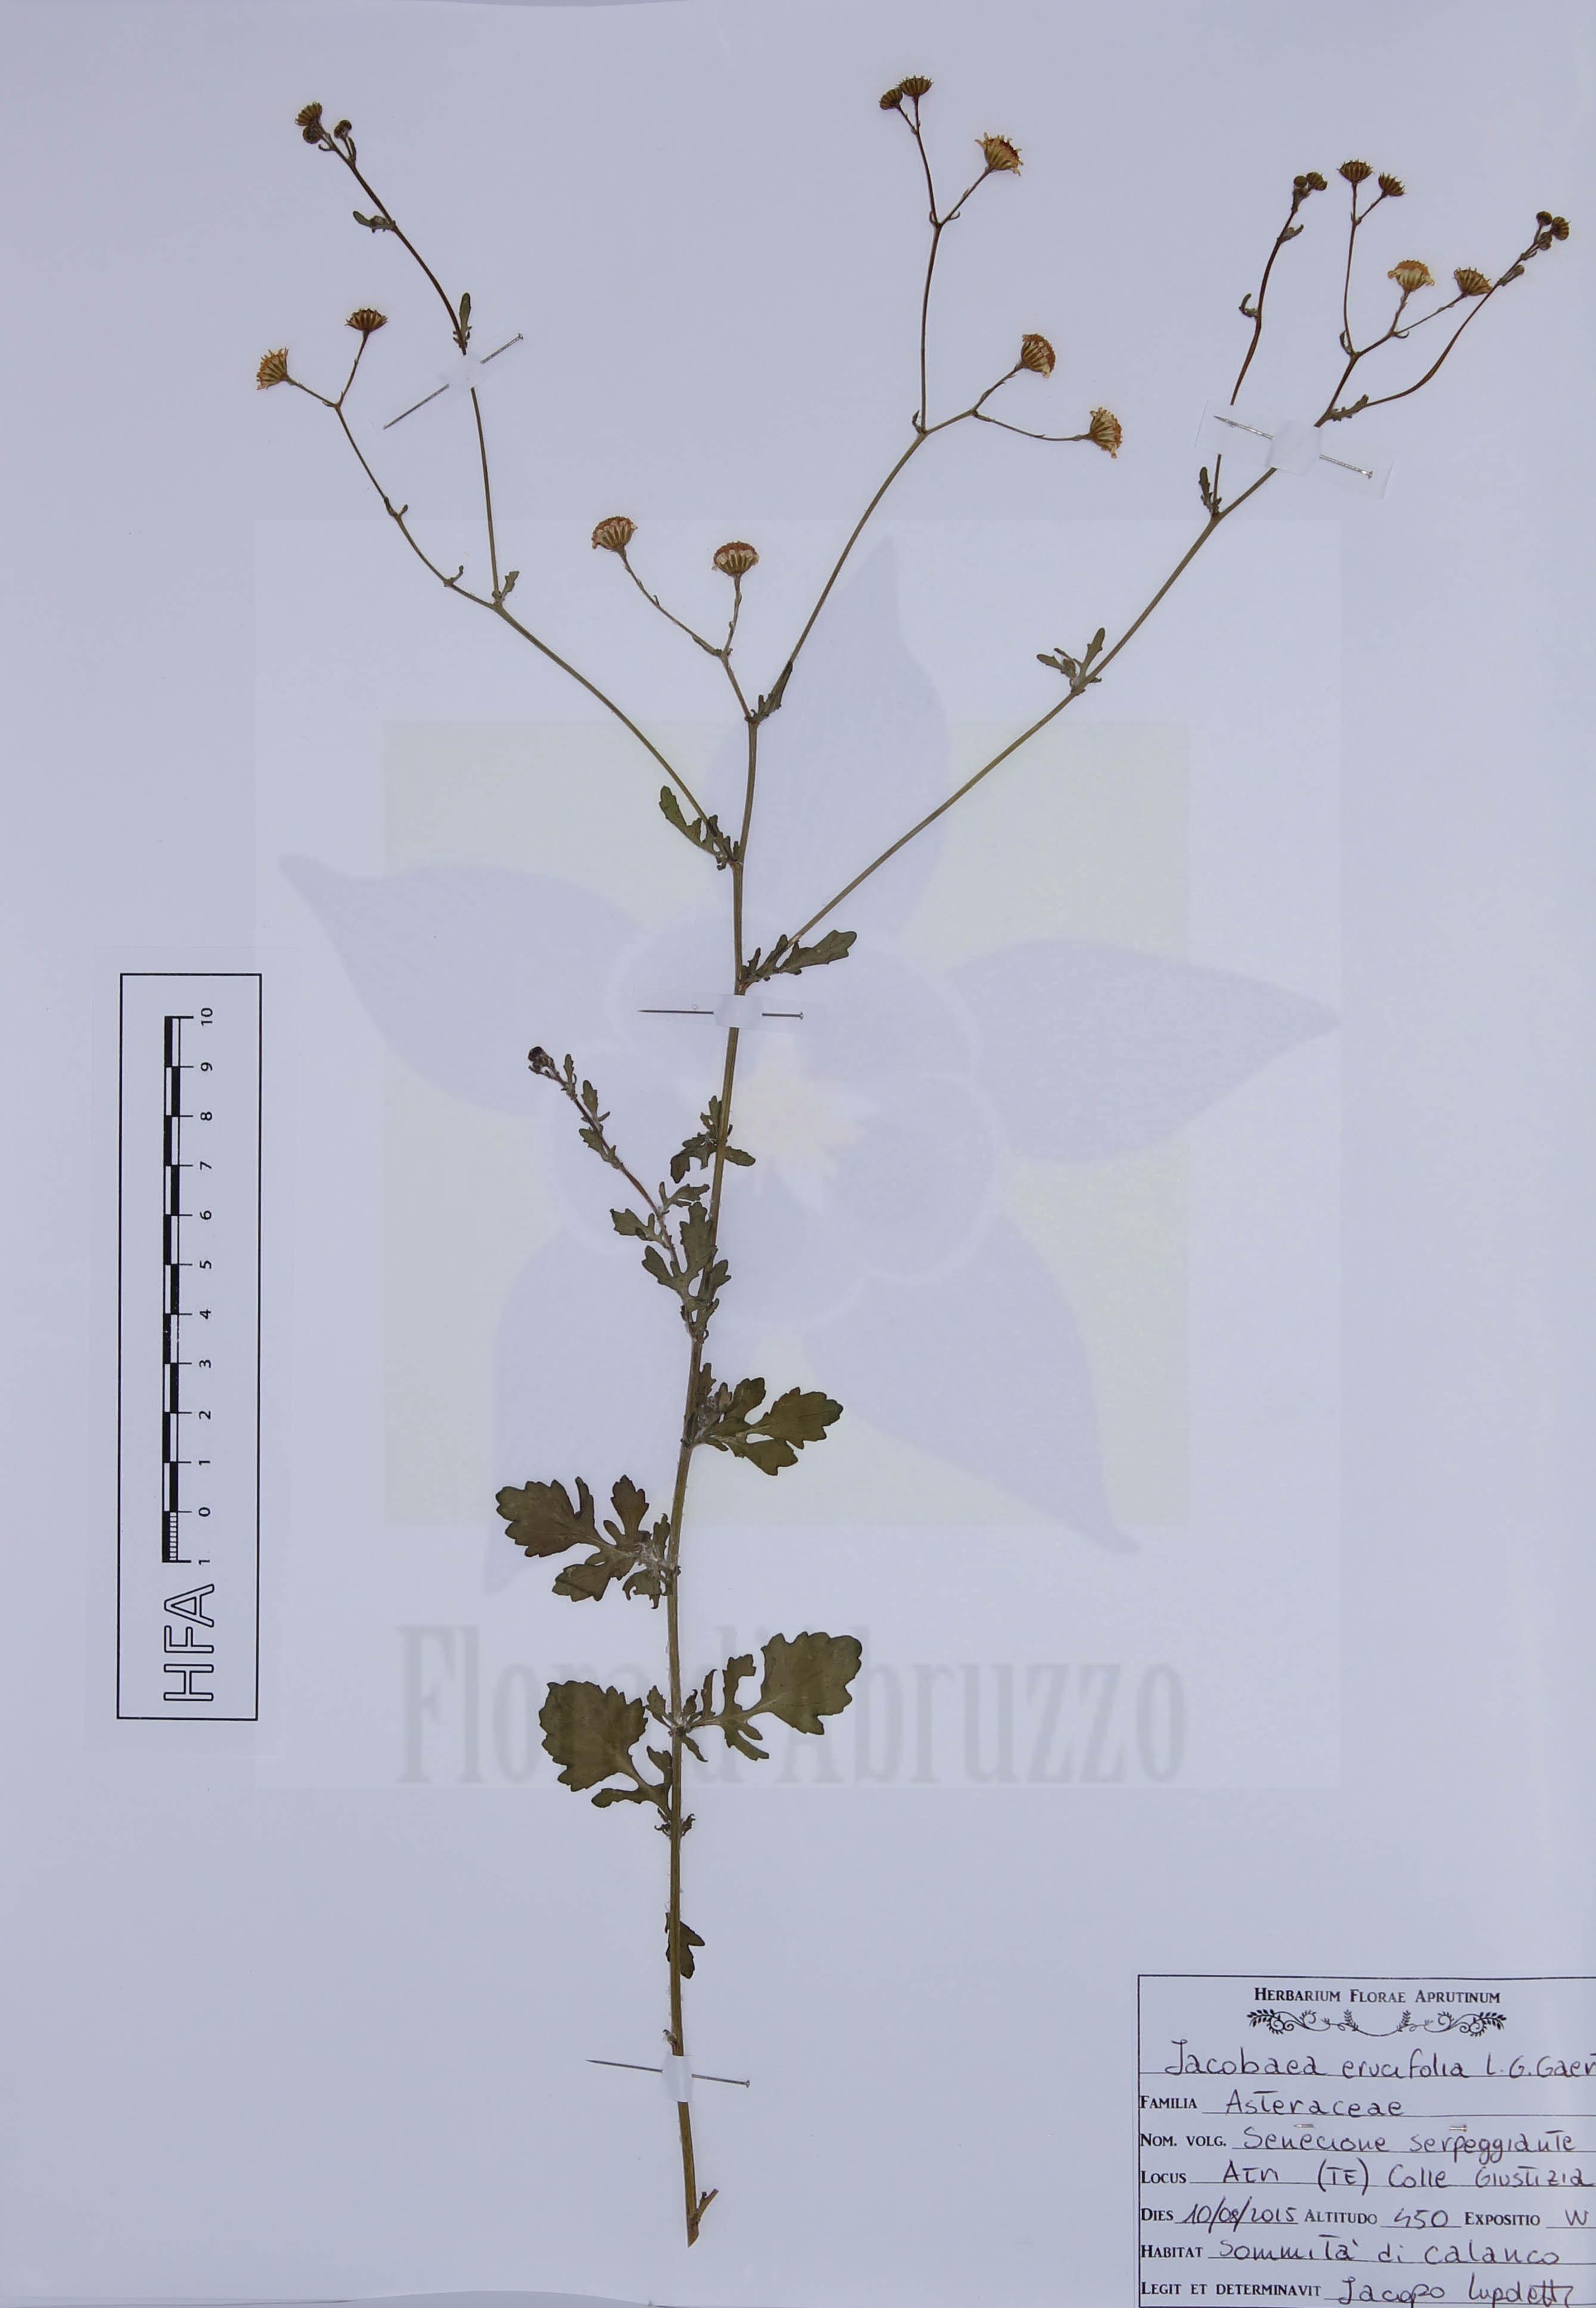 Jacobaea erucifolia (L.) G. Gaertn., B. Mey. & Scherb